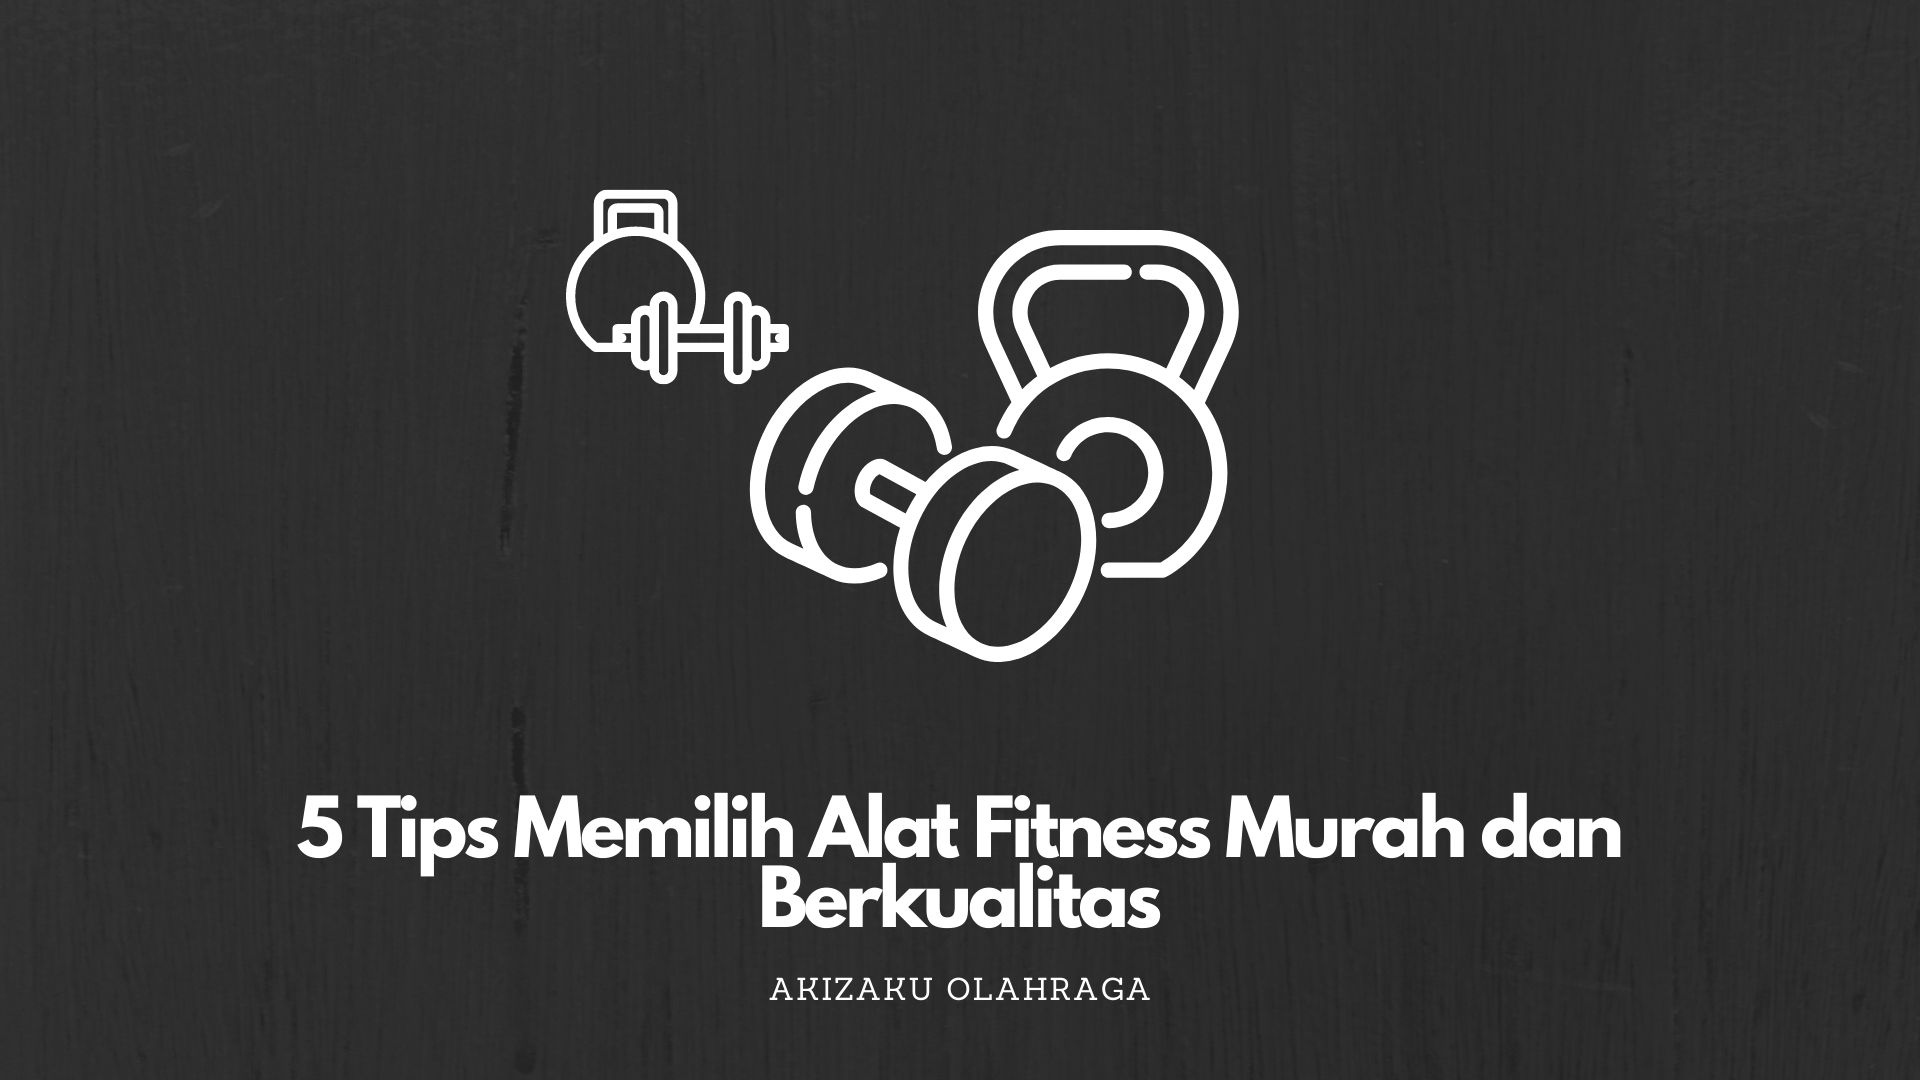 [Image: Tips-Memilih-Alat-Fitness-Murah-dan-Berkualitas.jpg]